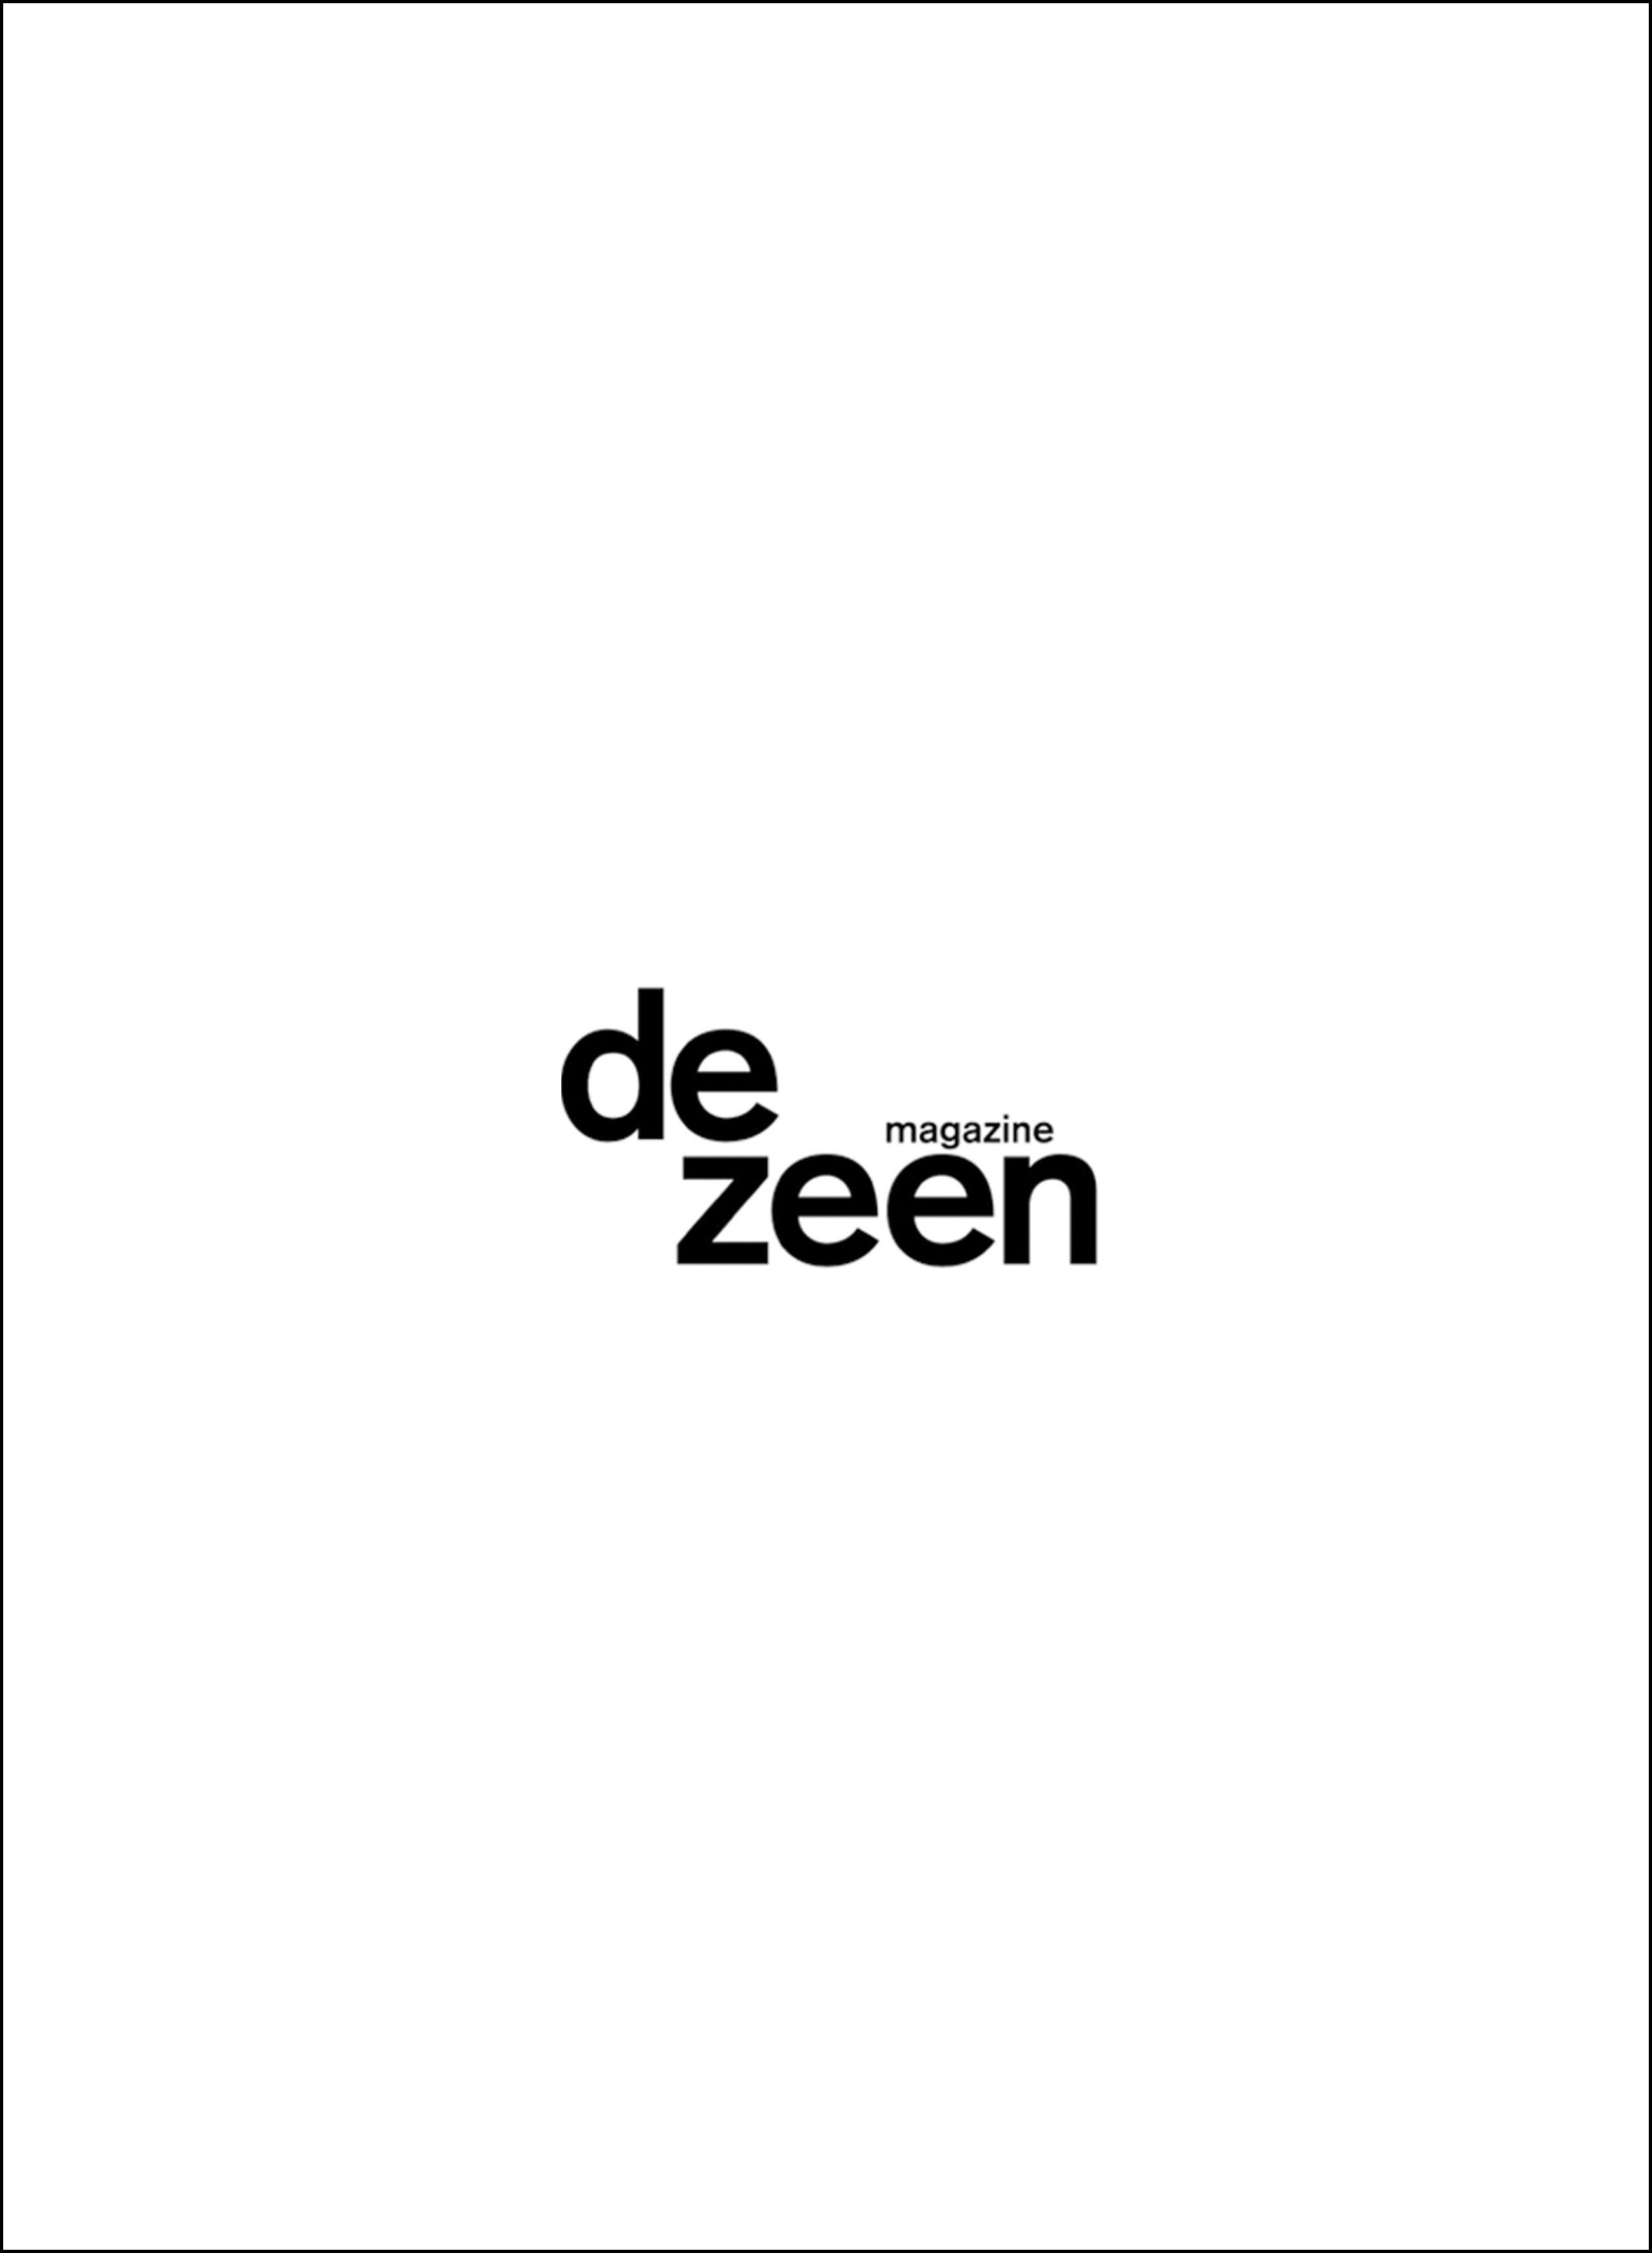 Deezen